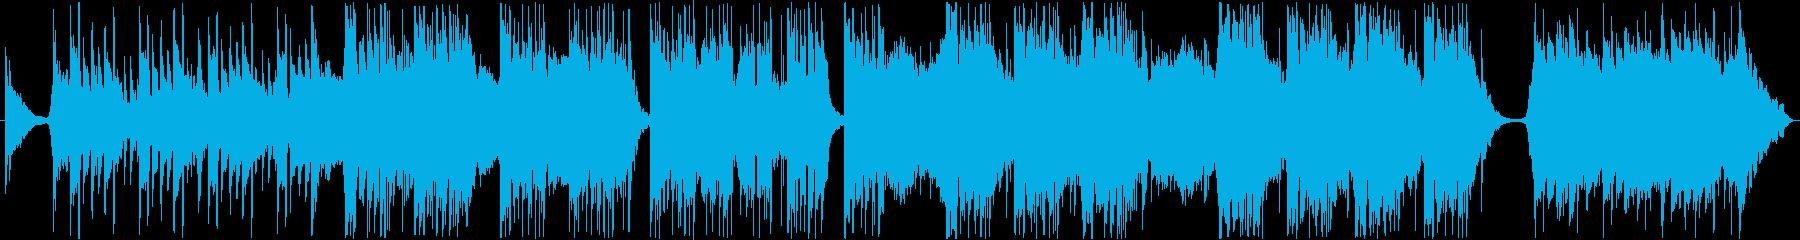 人気のある電子機器 電気音響シンフ...の再生済みの波形